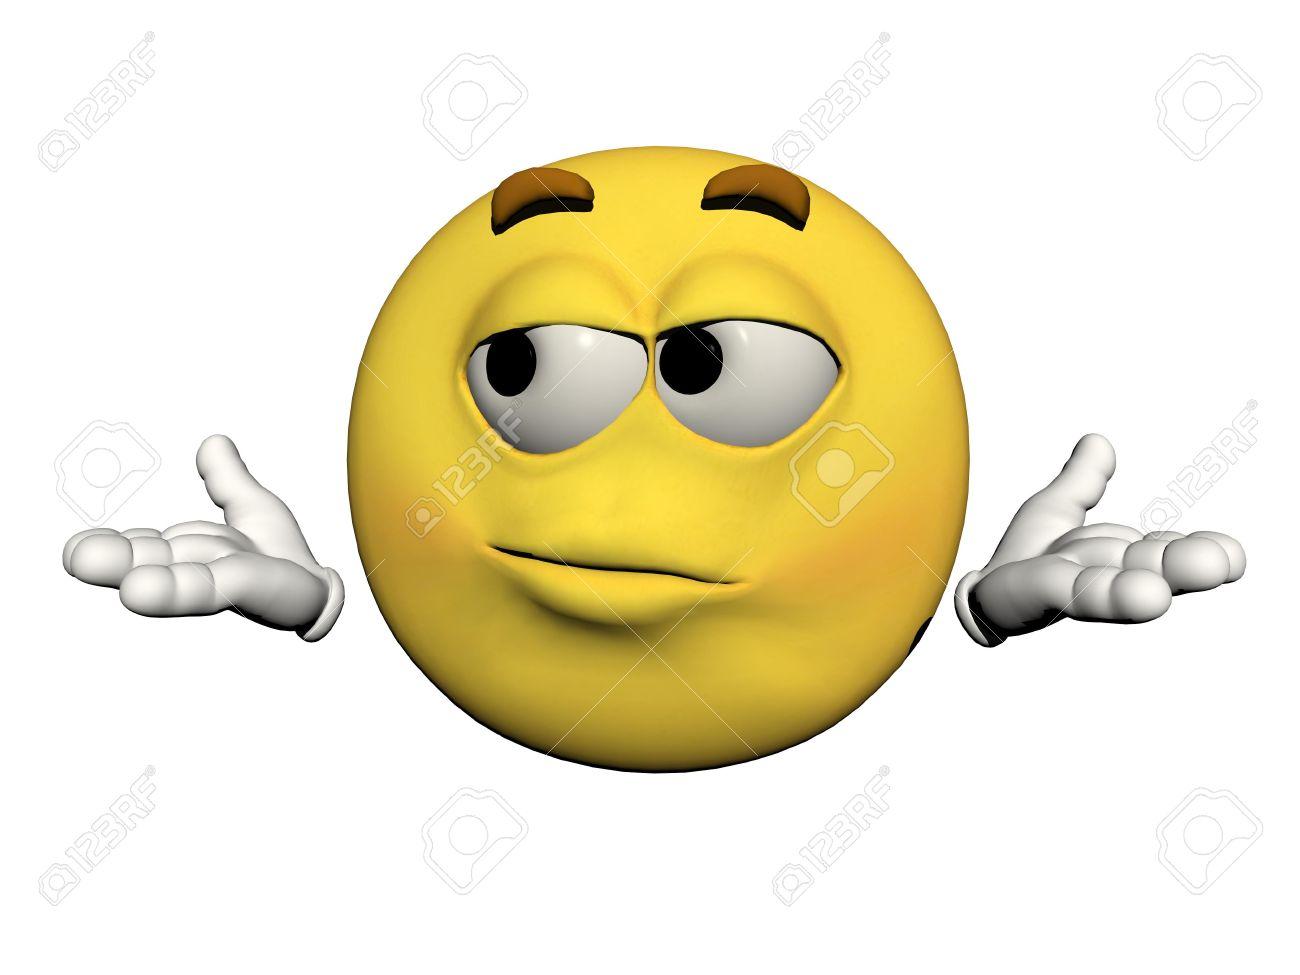 31398510 moticone jaune mal a l aise et blanc